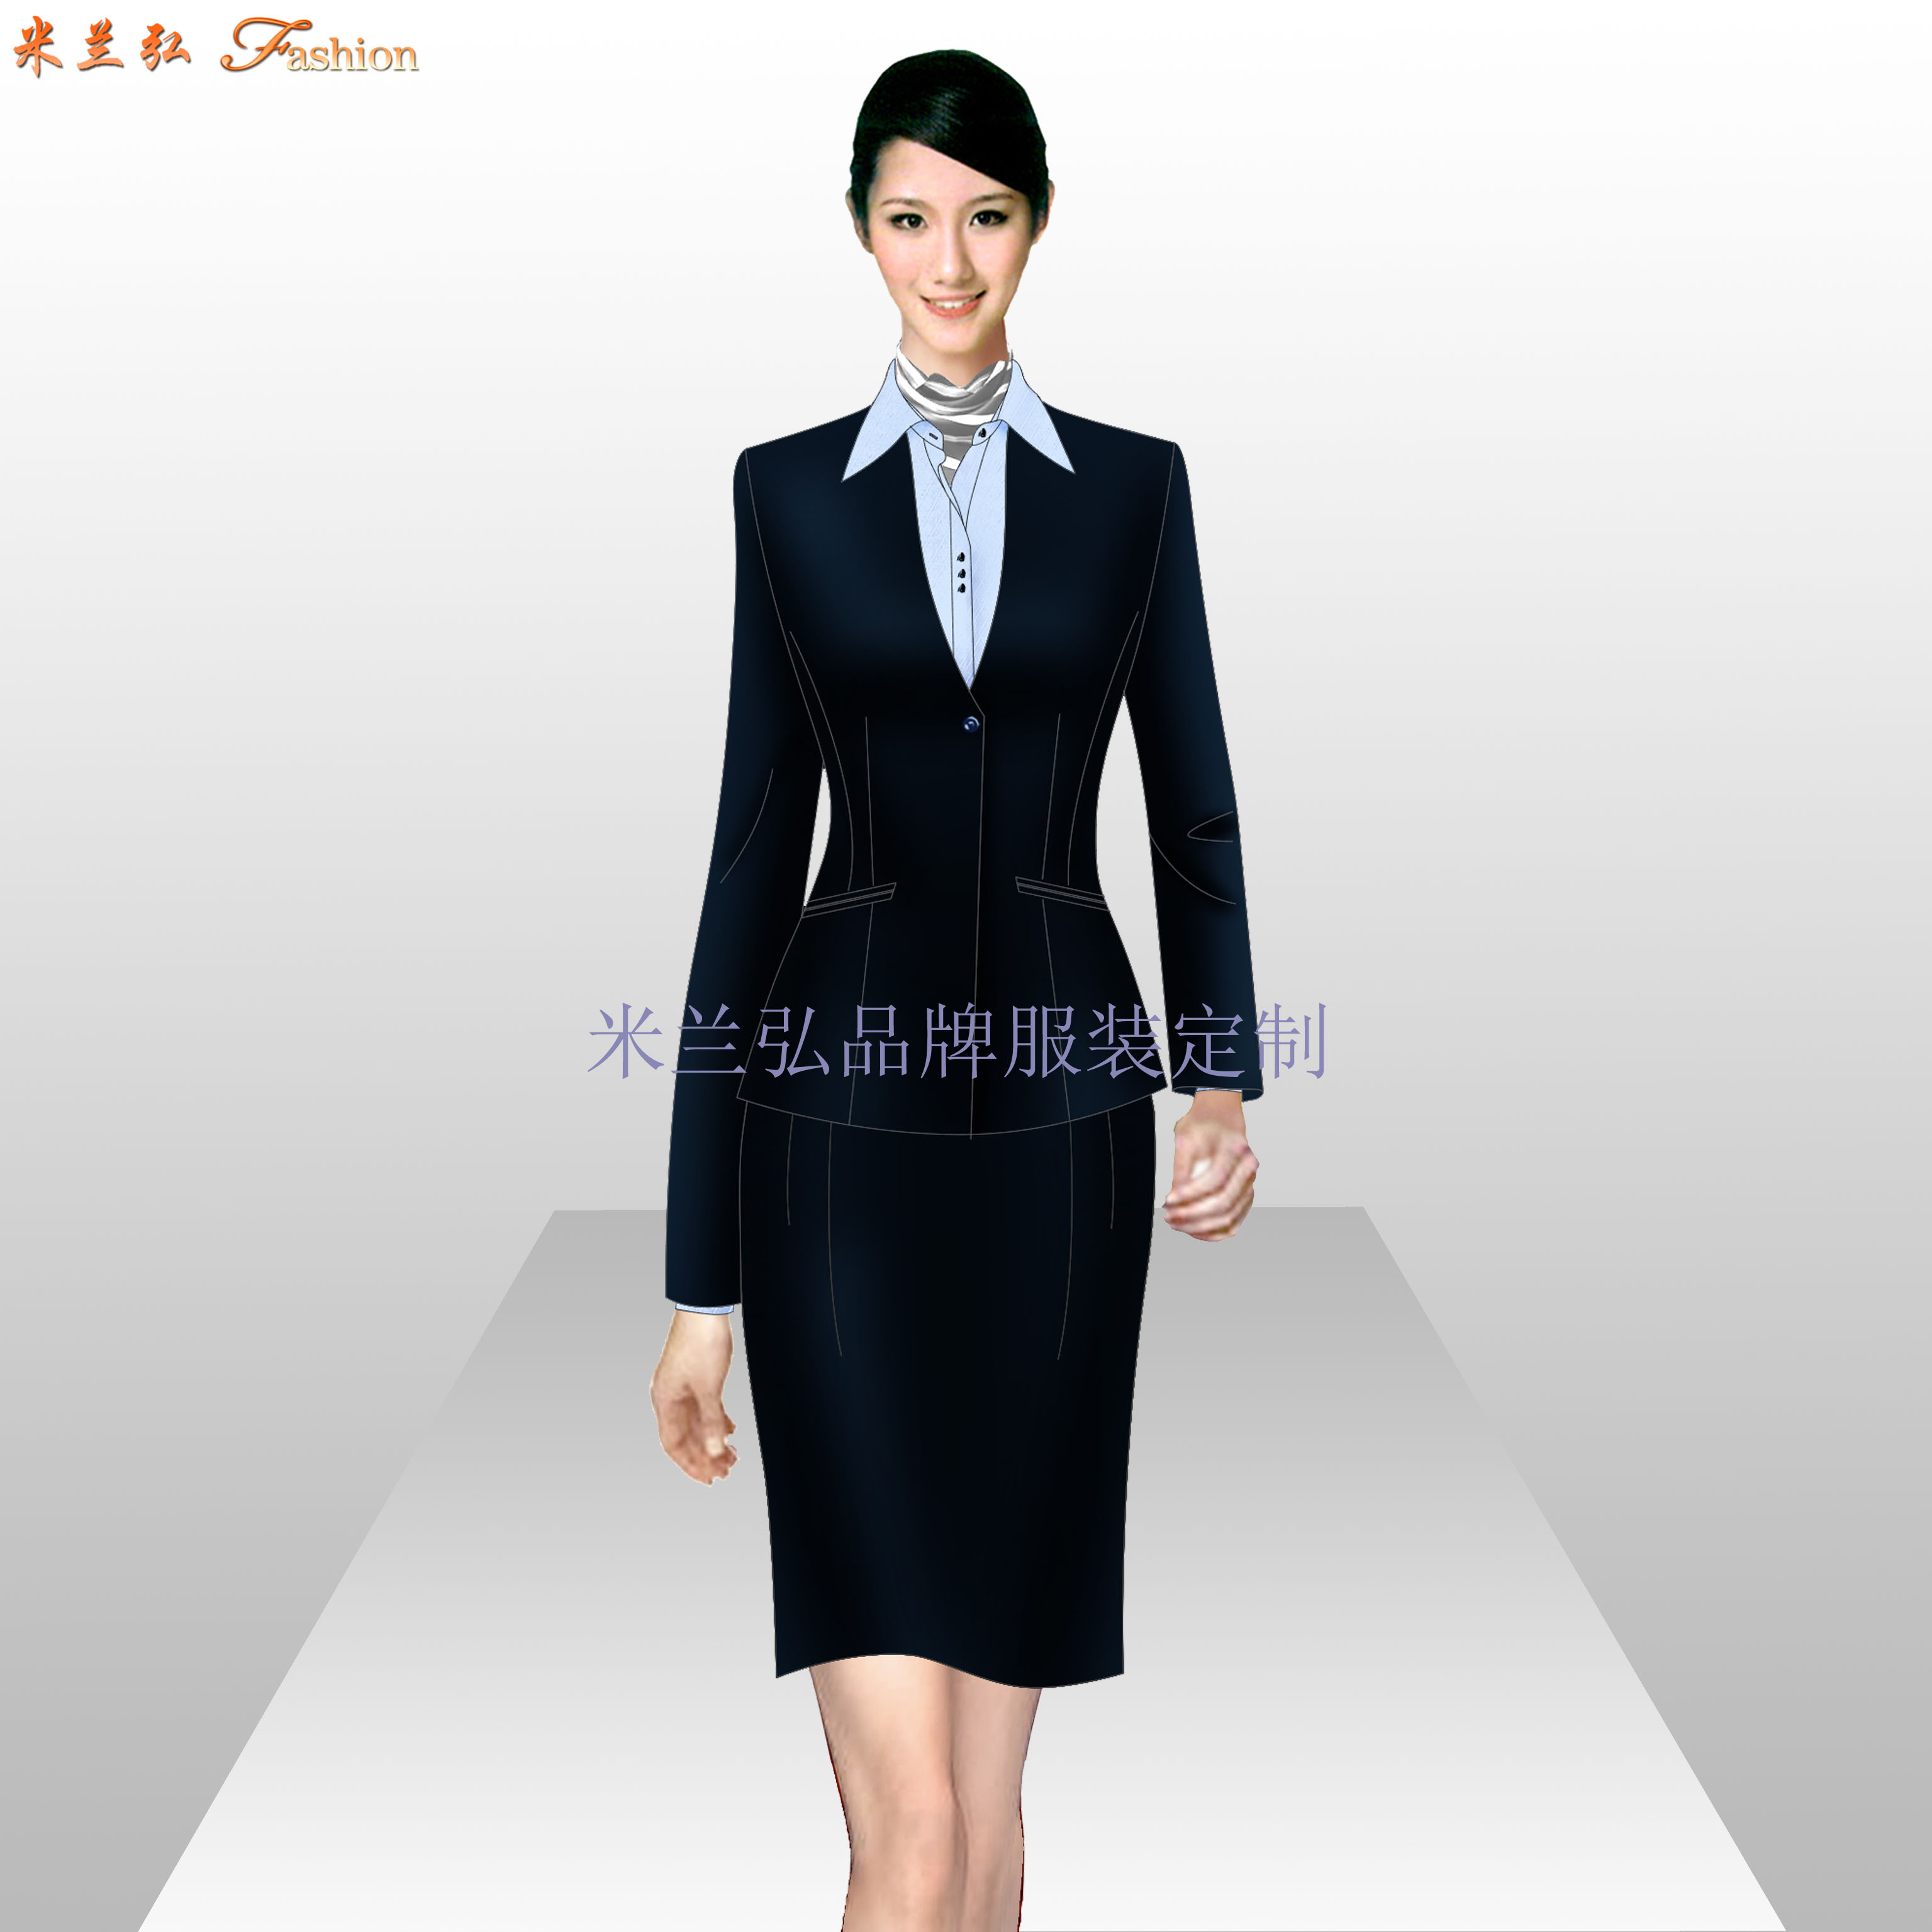 南昌職業裝定做-女士職業裝廠家定制-米蘭弘服裝-4